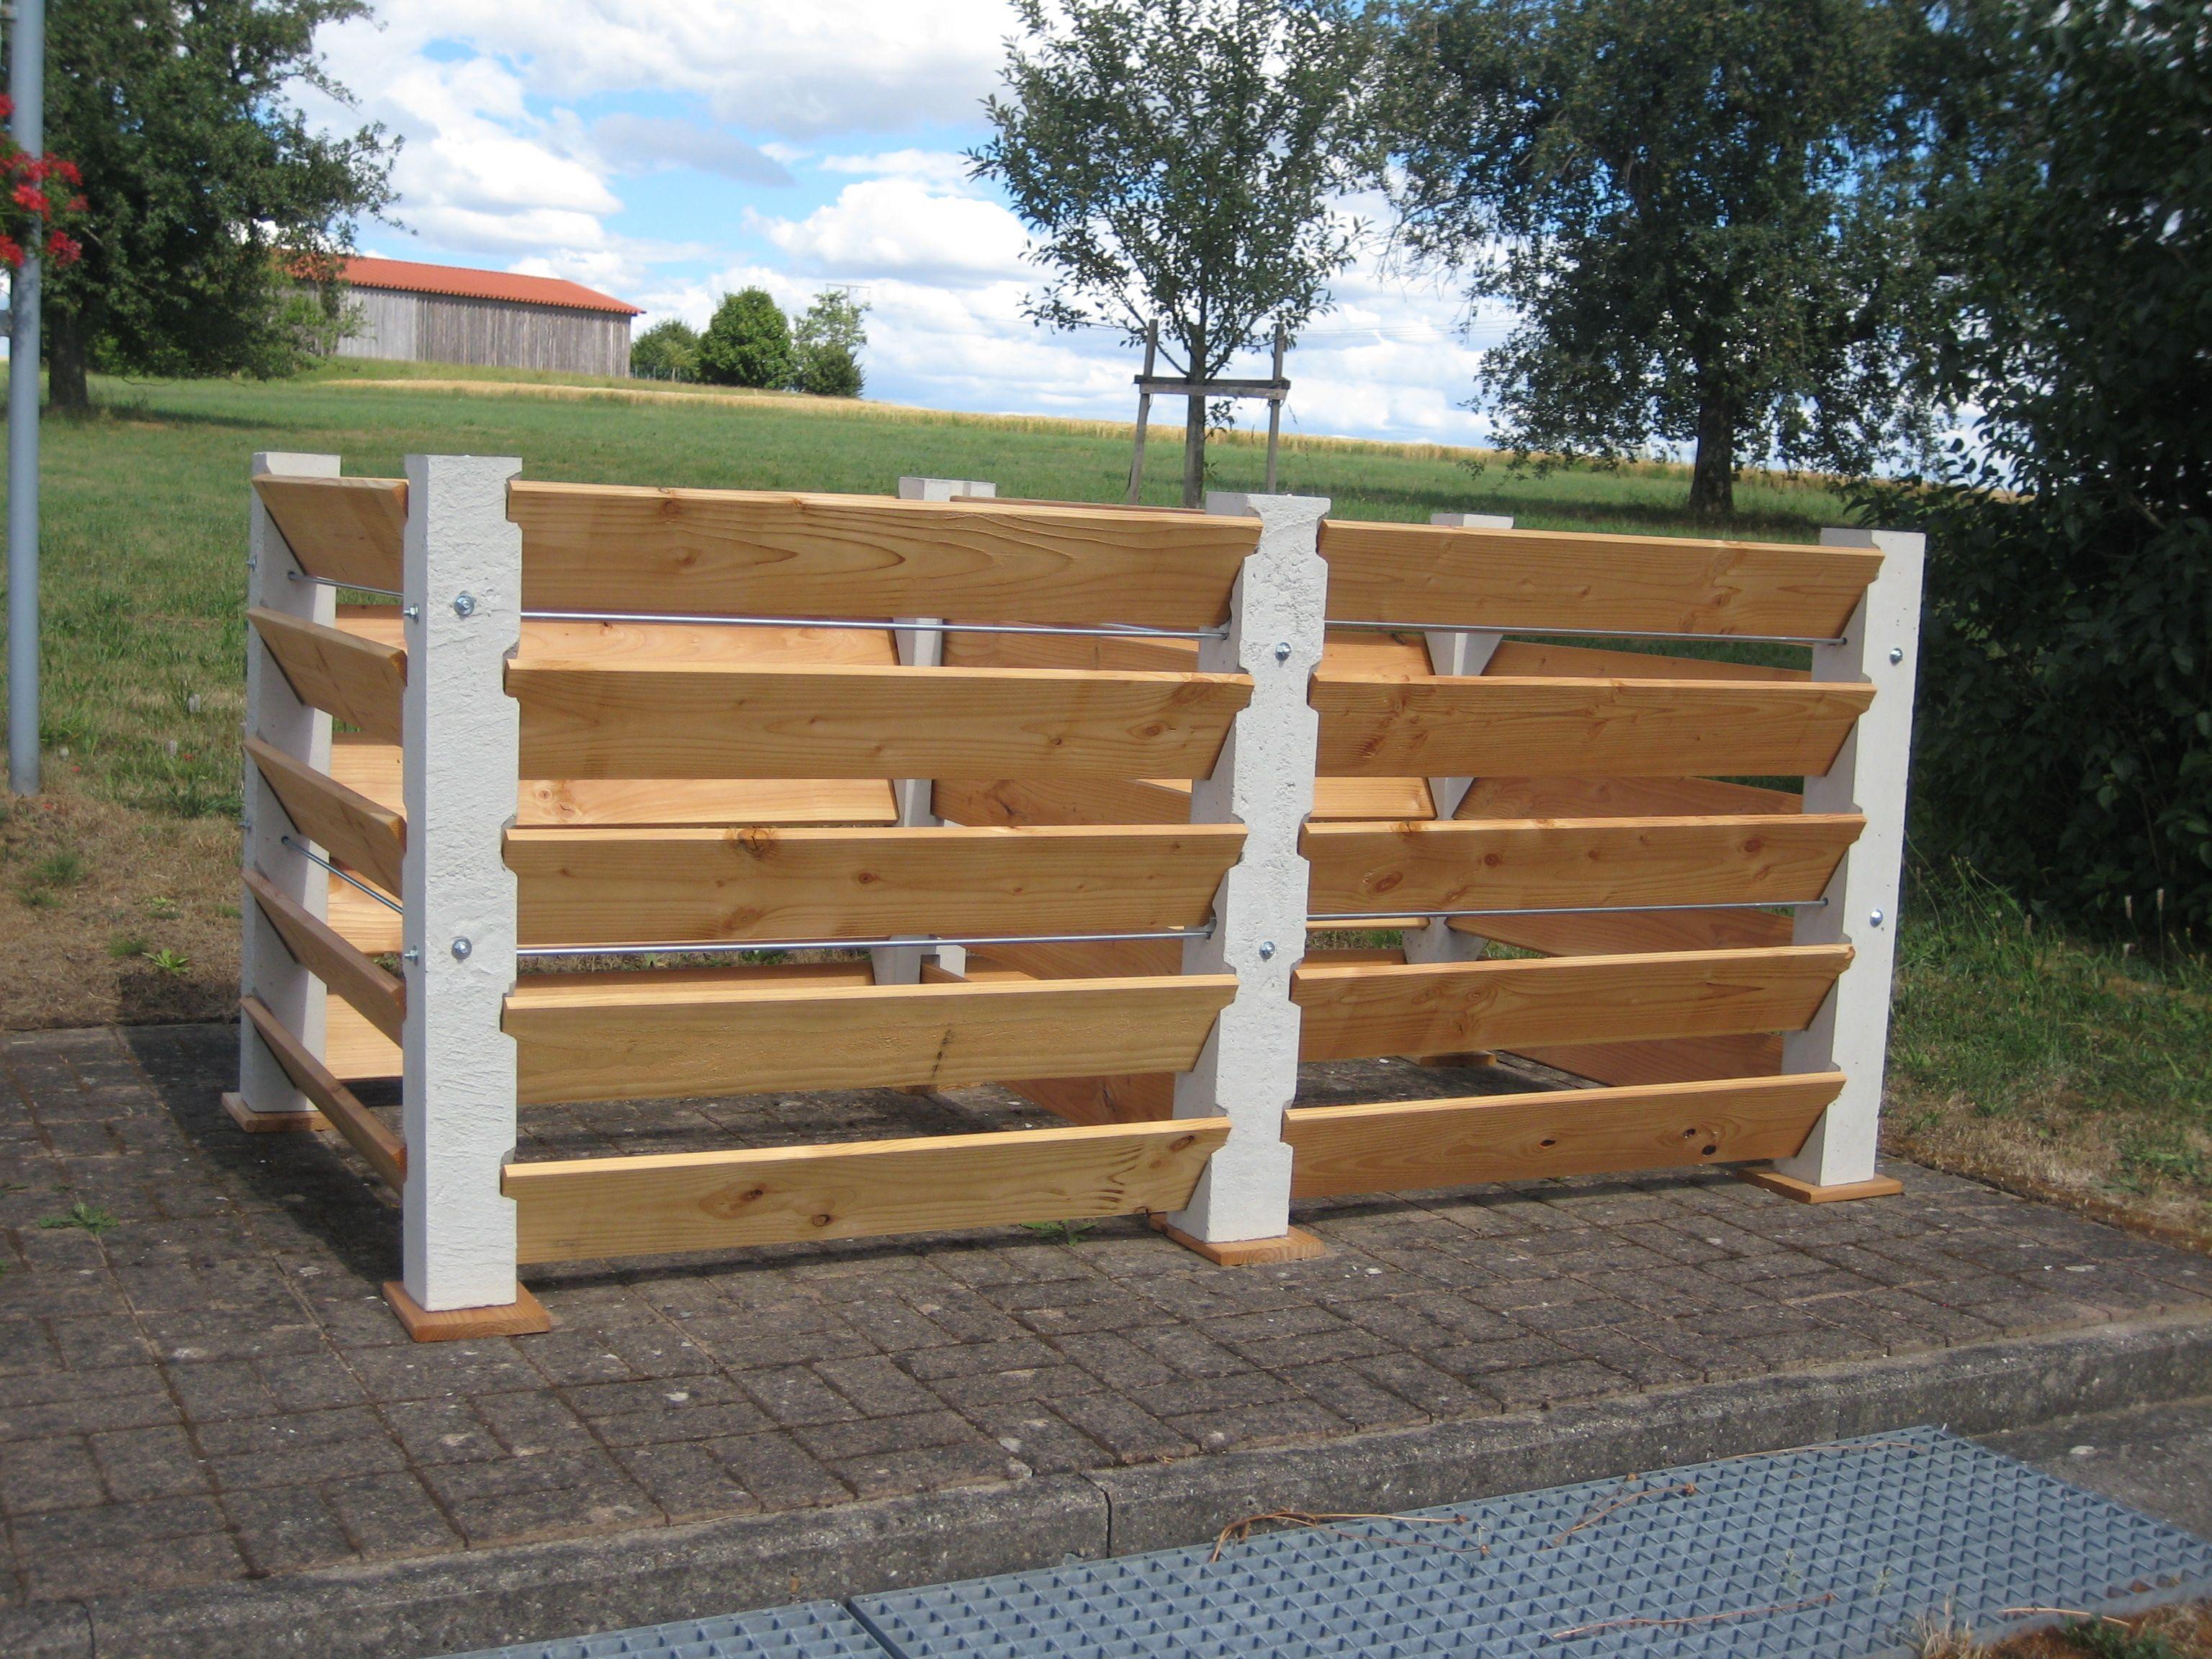 Die Kompostsilos Haben Einen Sehr Stabilen Aufbau Durch Aus Beton Gegossene  Pfeiler (ca.11x11